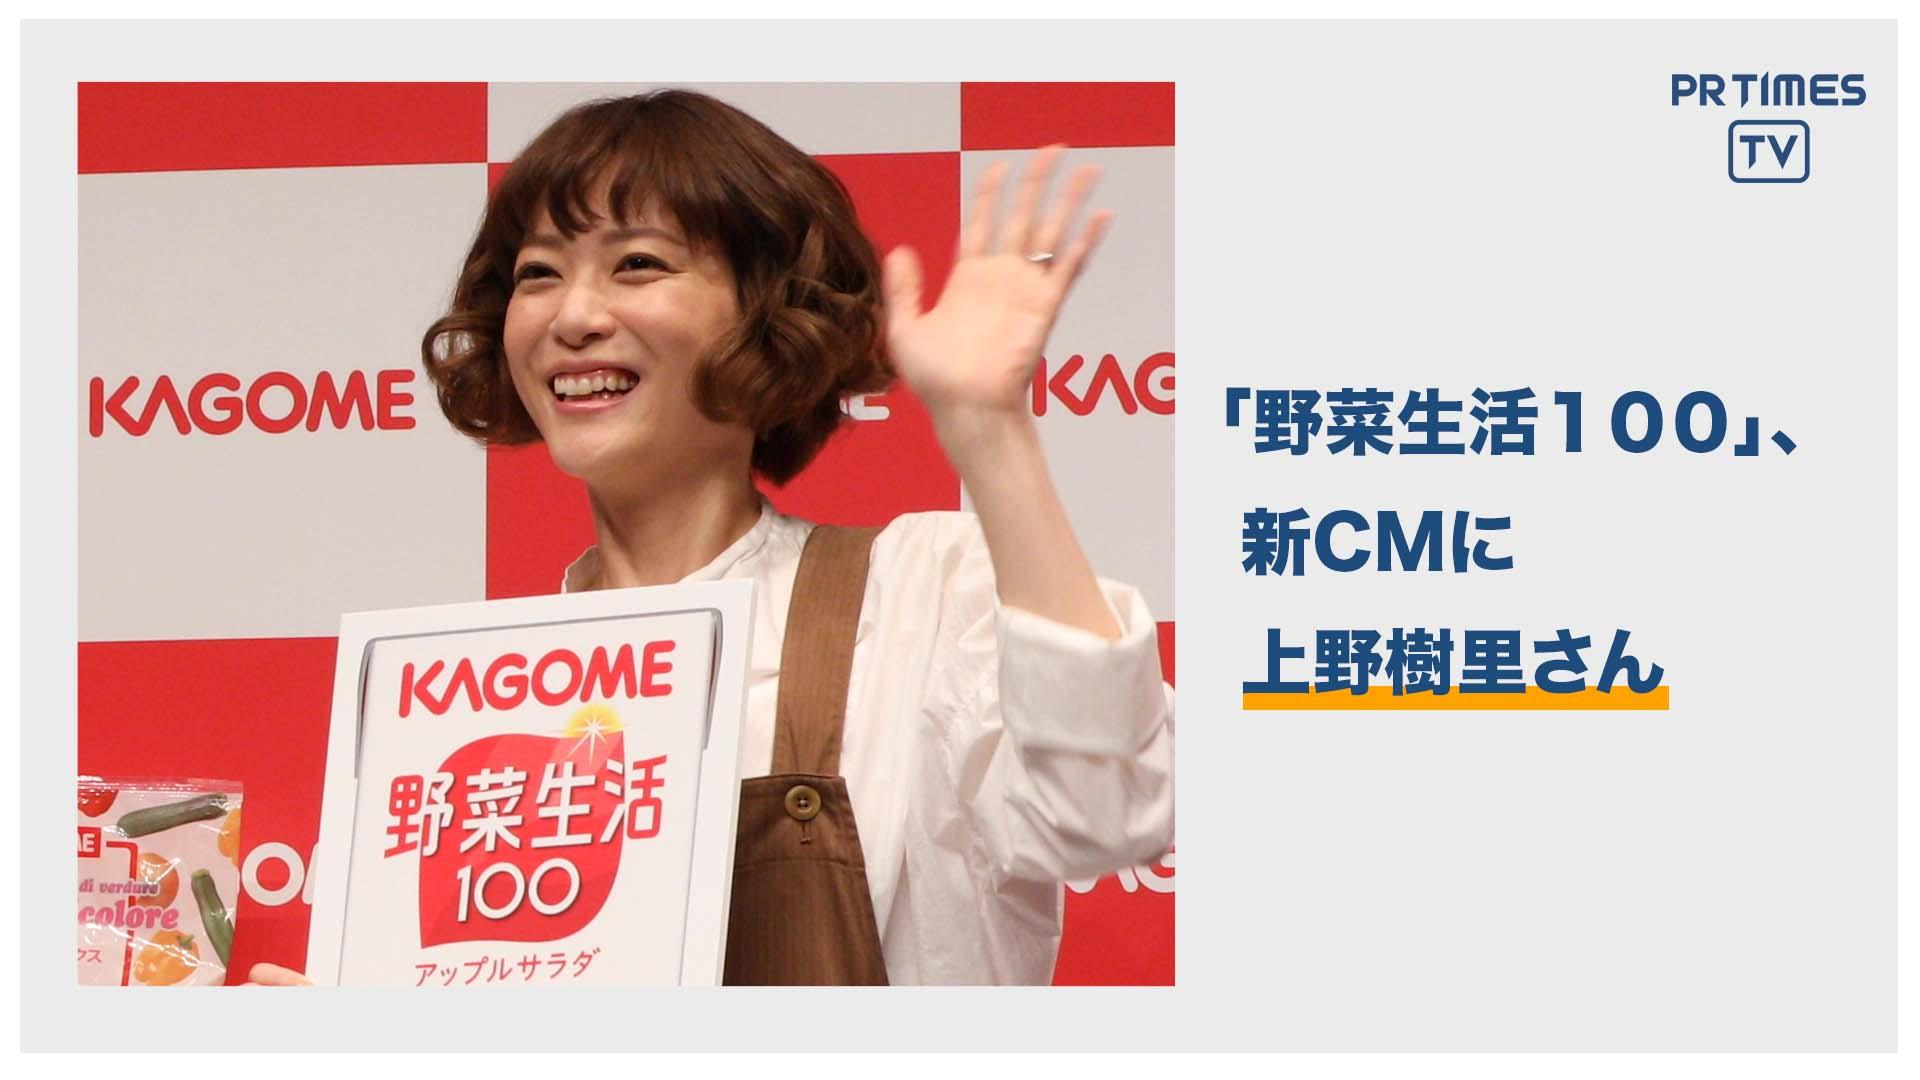 カゴメ「野菜をとろうキャンペーン」を開始 新CMキャラクターに上野樹里さんを起用